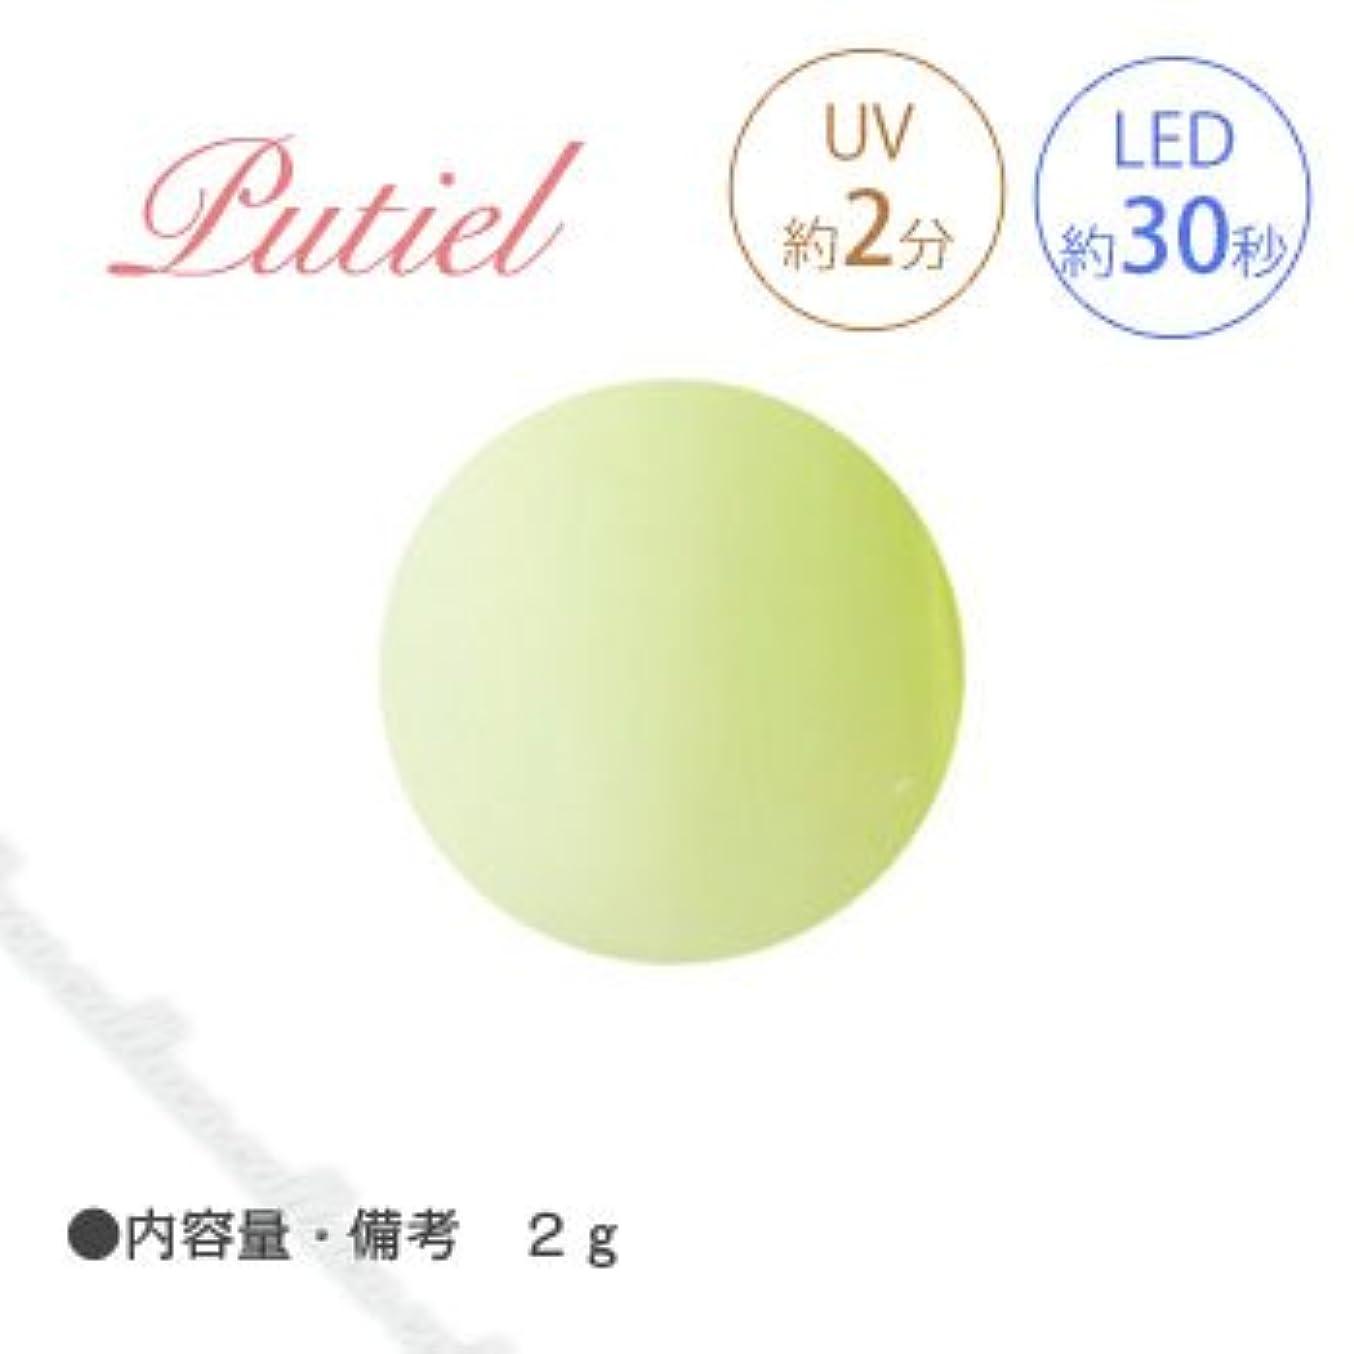 幻想熱心な会うPutiel プティール カラージェル 225 マスカット 2g